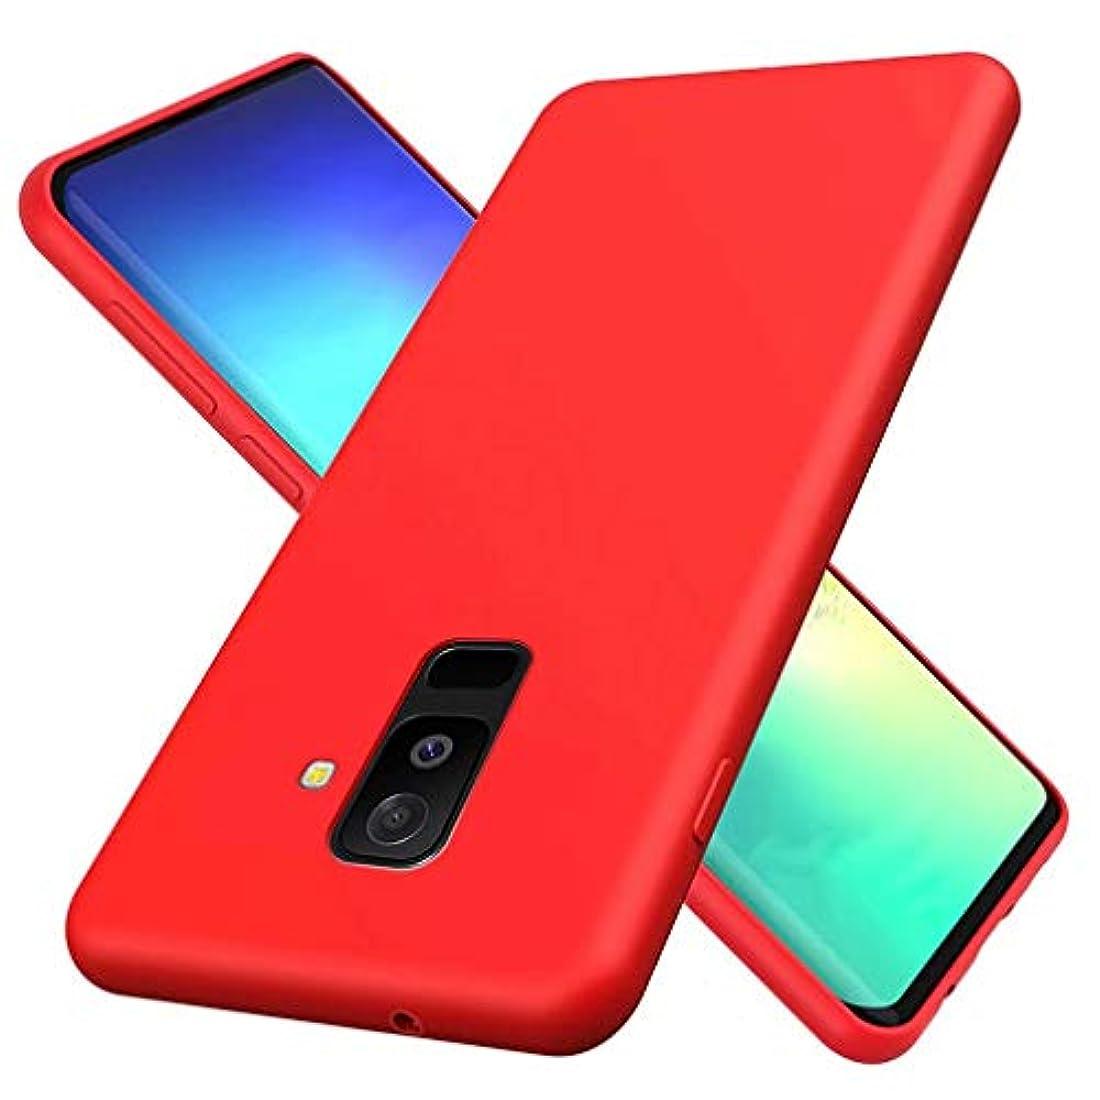 散髪特異なスマイルSamsung Galaxy A6 Plus 2018ケースFHXD柔軟TPU液体シリコン保護ケース擦り傷防止耐衝撃指紋防止ケース(レッド)